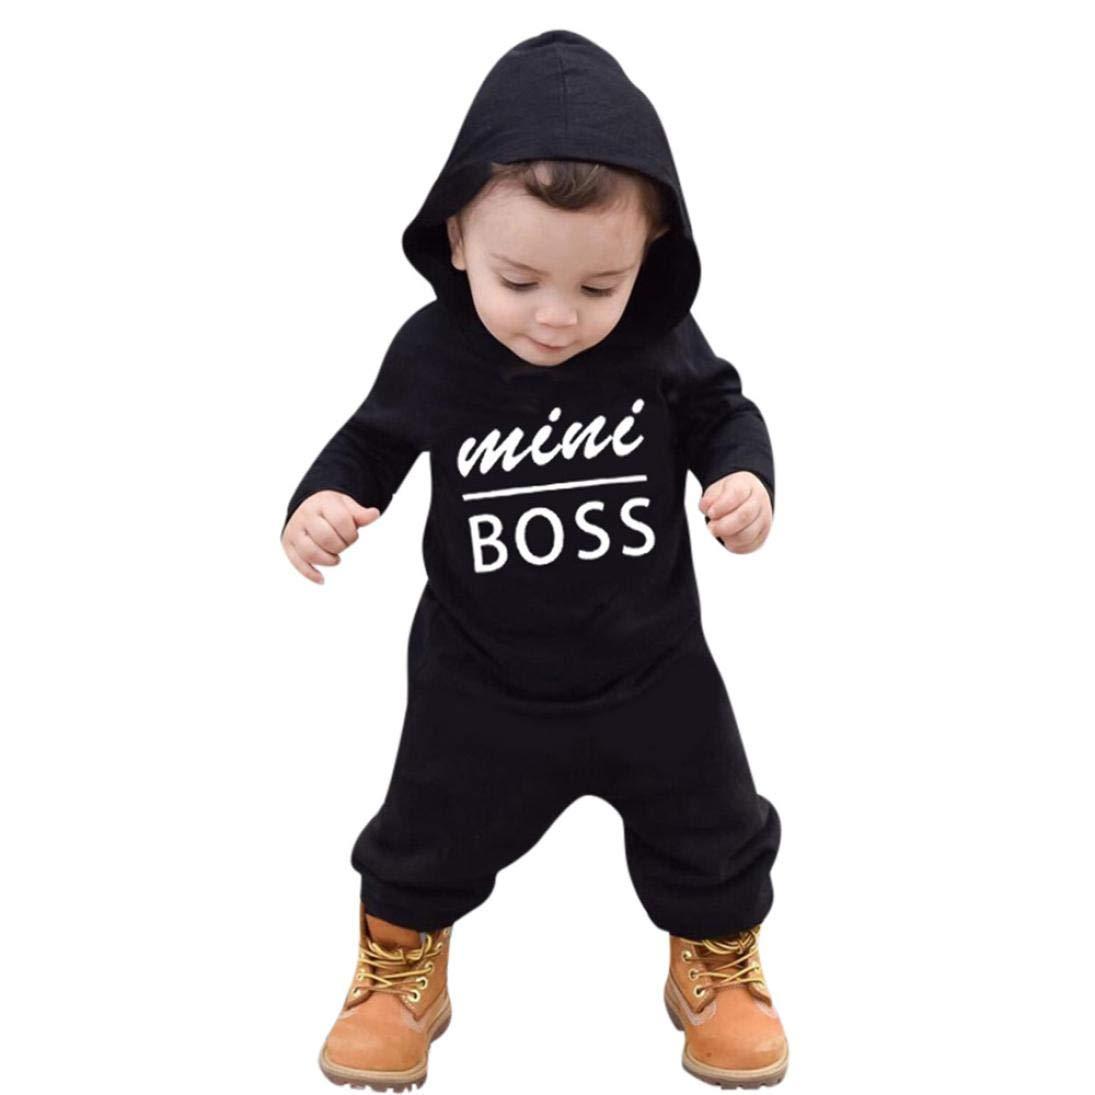 RWINDG Babykleidung Babymode Kleinkind Kinder Neugeborenes Kleidung Kleiderset Baby Brief Jungen Mädchen Hoodie Outfits Kleidung Strampler Overall